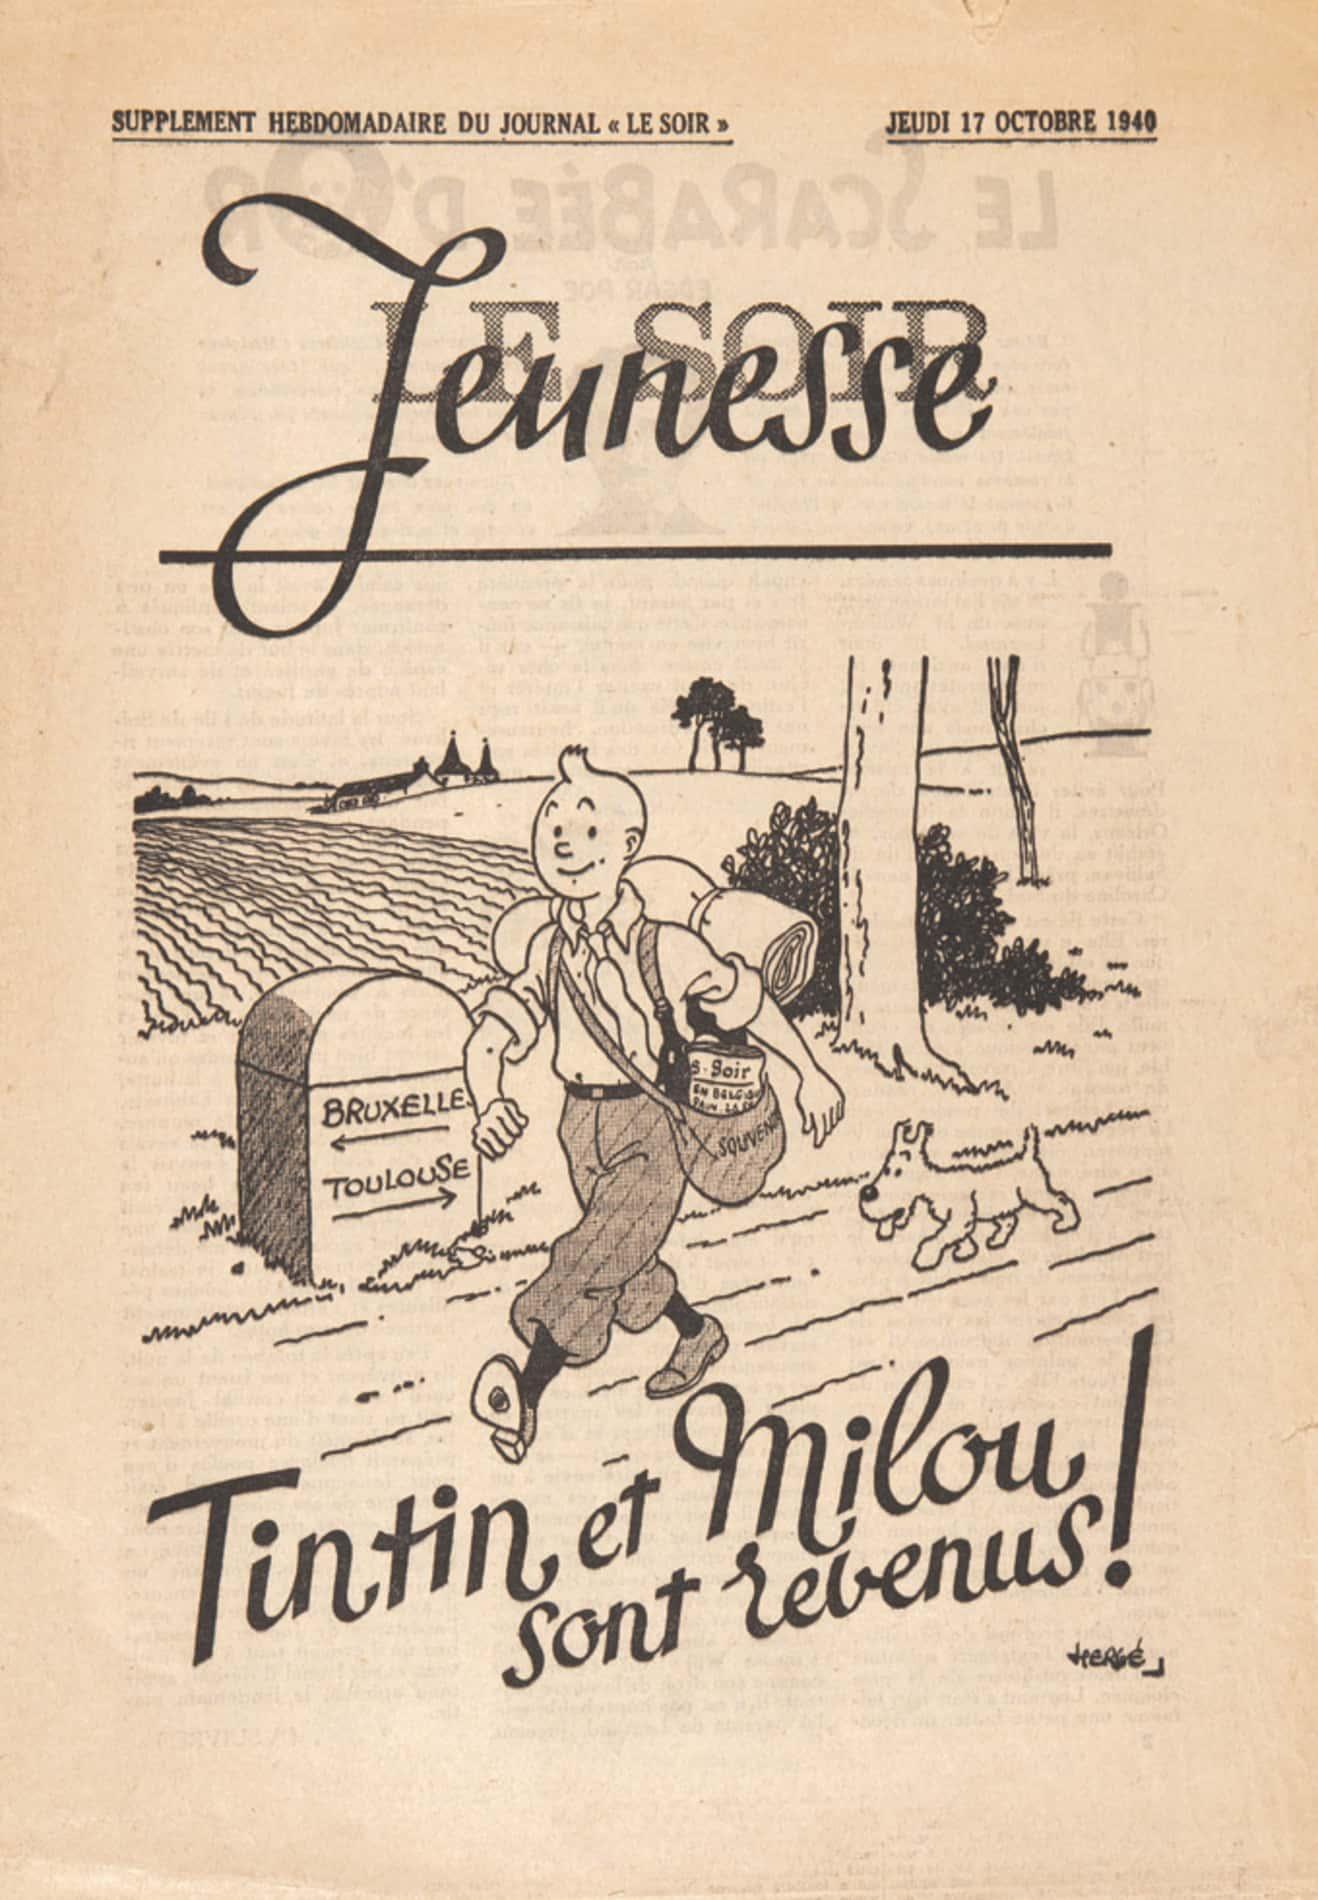 """Tintin paraît dans le quotidien """"Le Soir"""" sous contrôle allemand."""